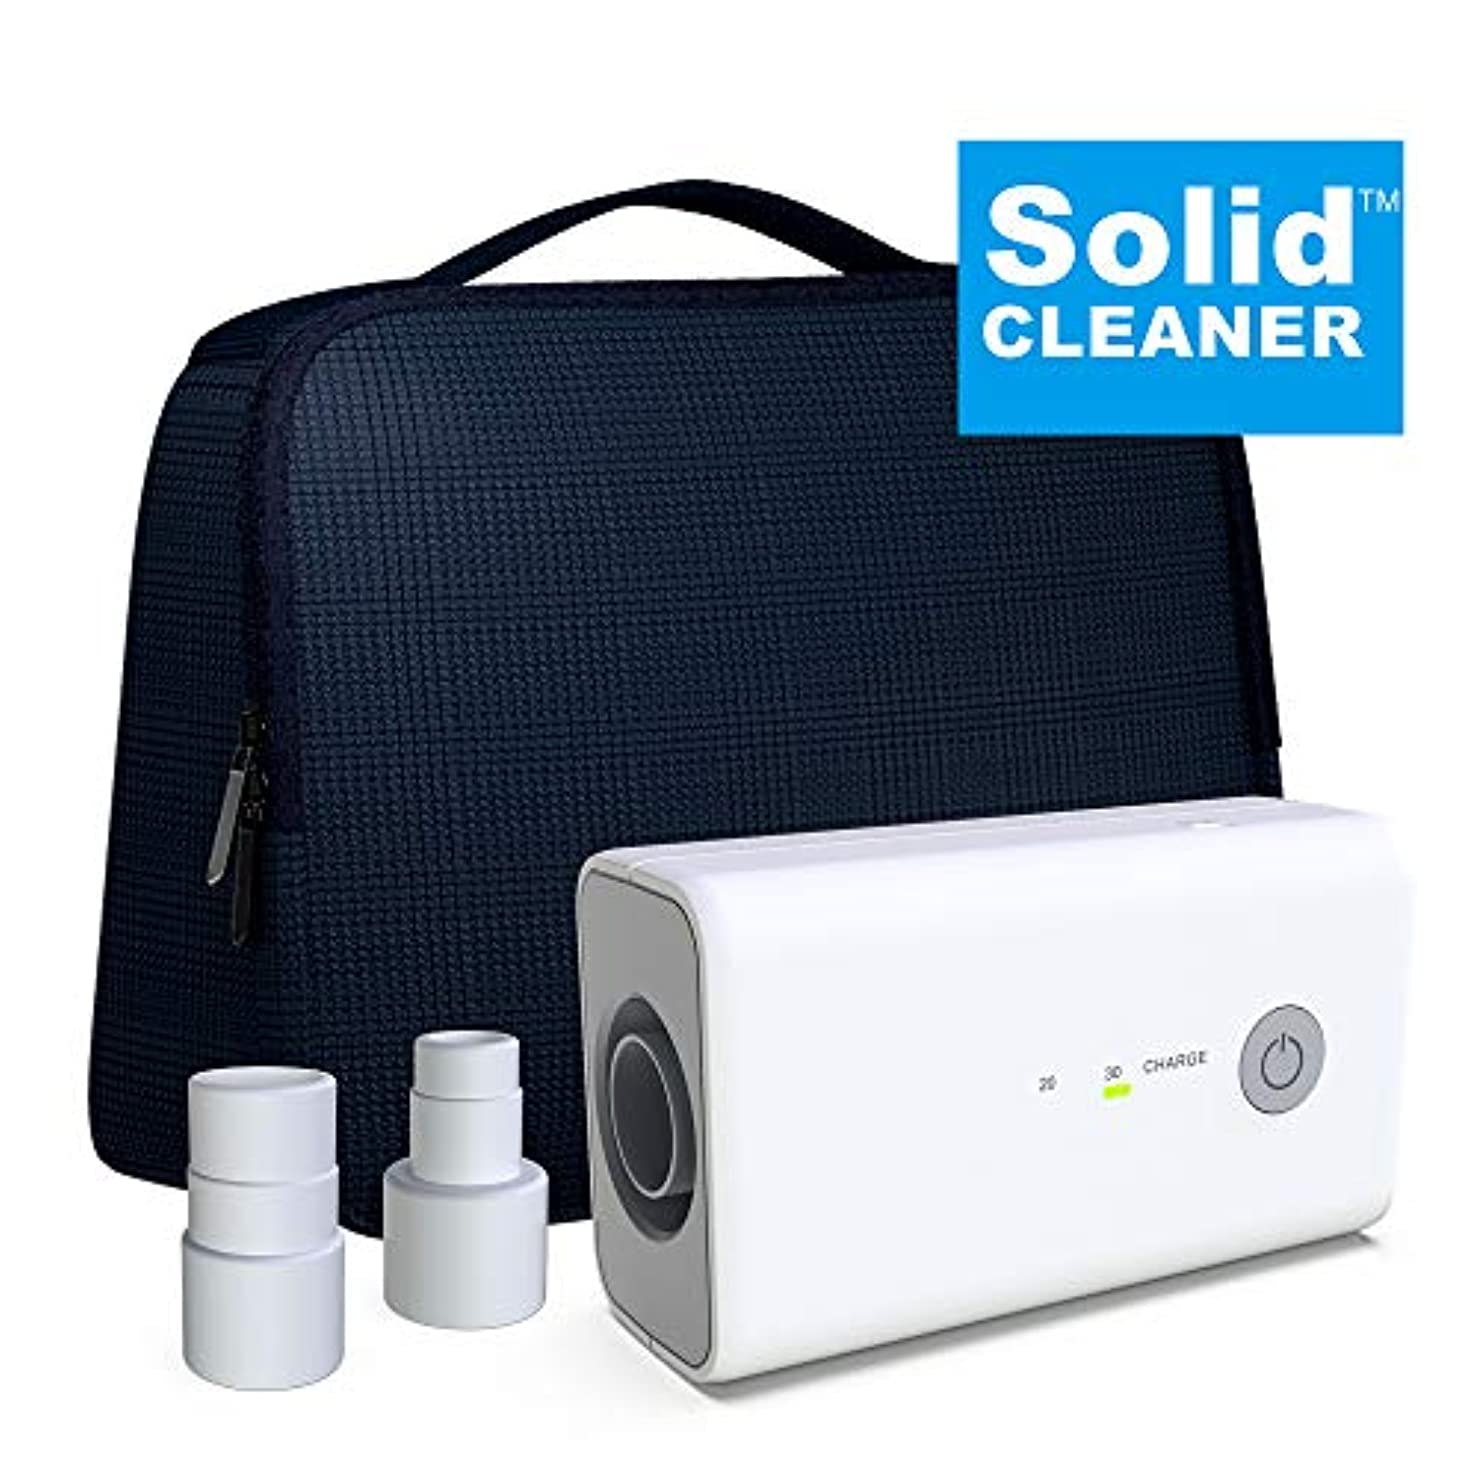 濃度宿孤児Solidcleaner 新しい クリーナーと消毒剤 バンドル バッグ互換性 加熱ホースアダプタアダプタポータブル充電式マスクチューブクリーナーを消毒含み Upgraedバンドル ライトグレー